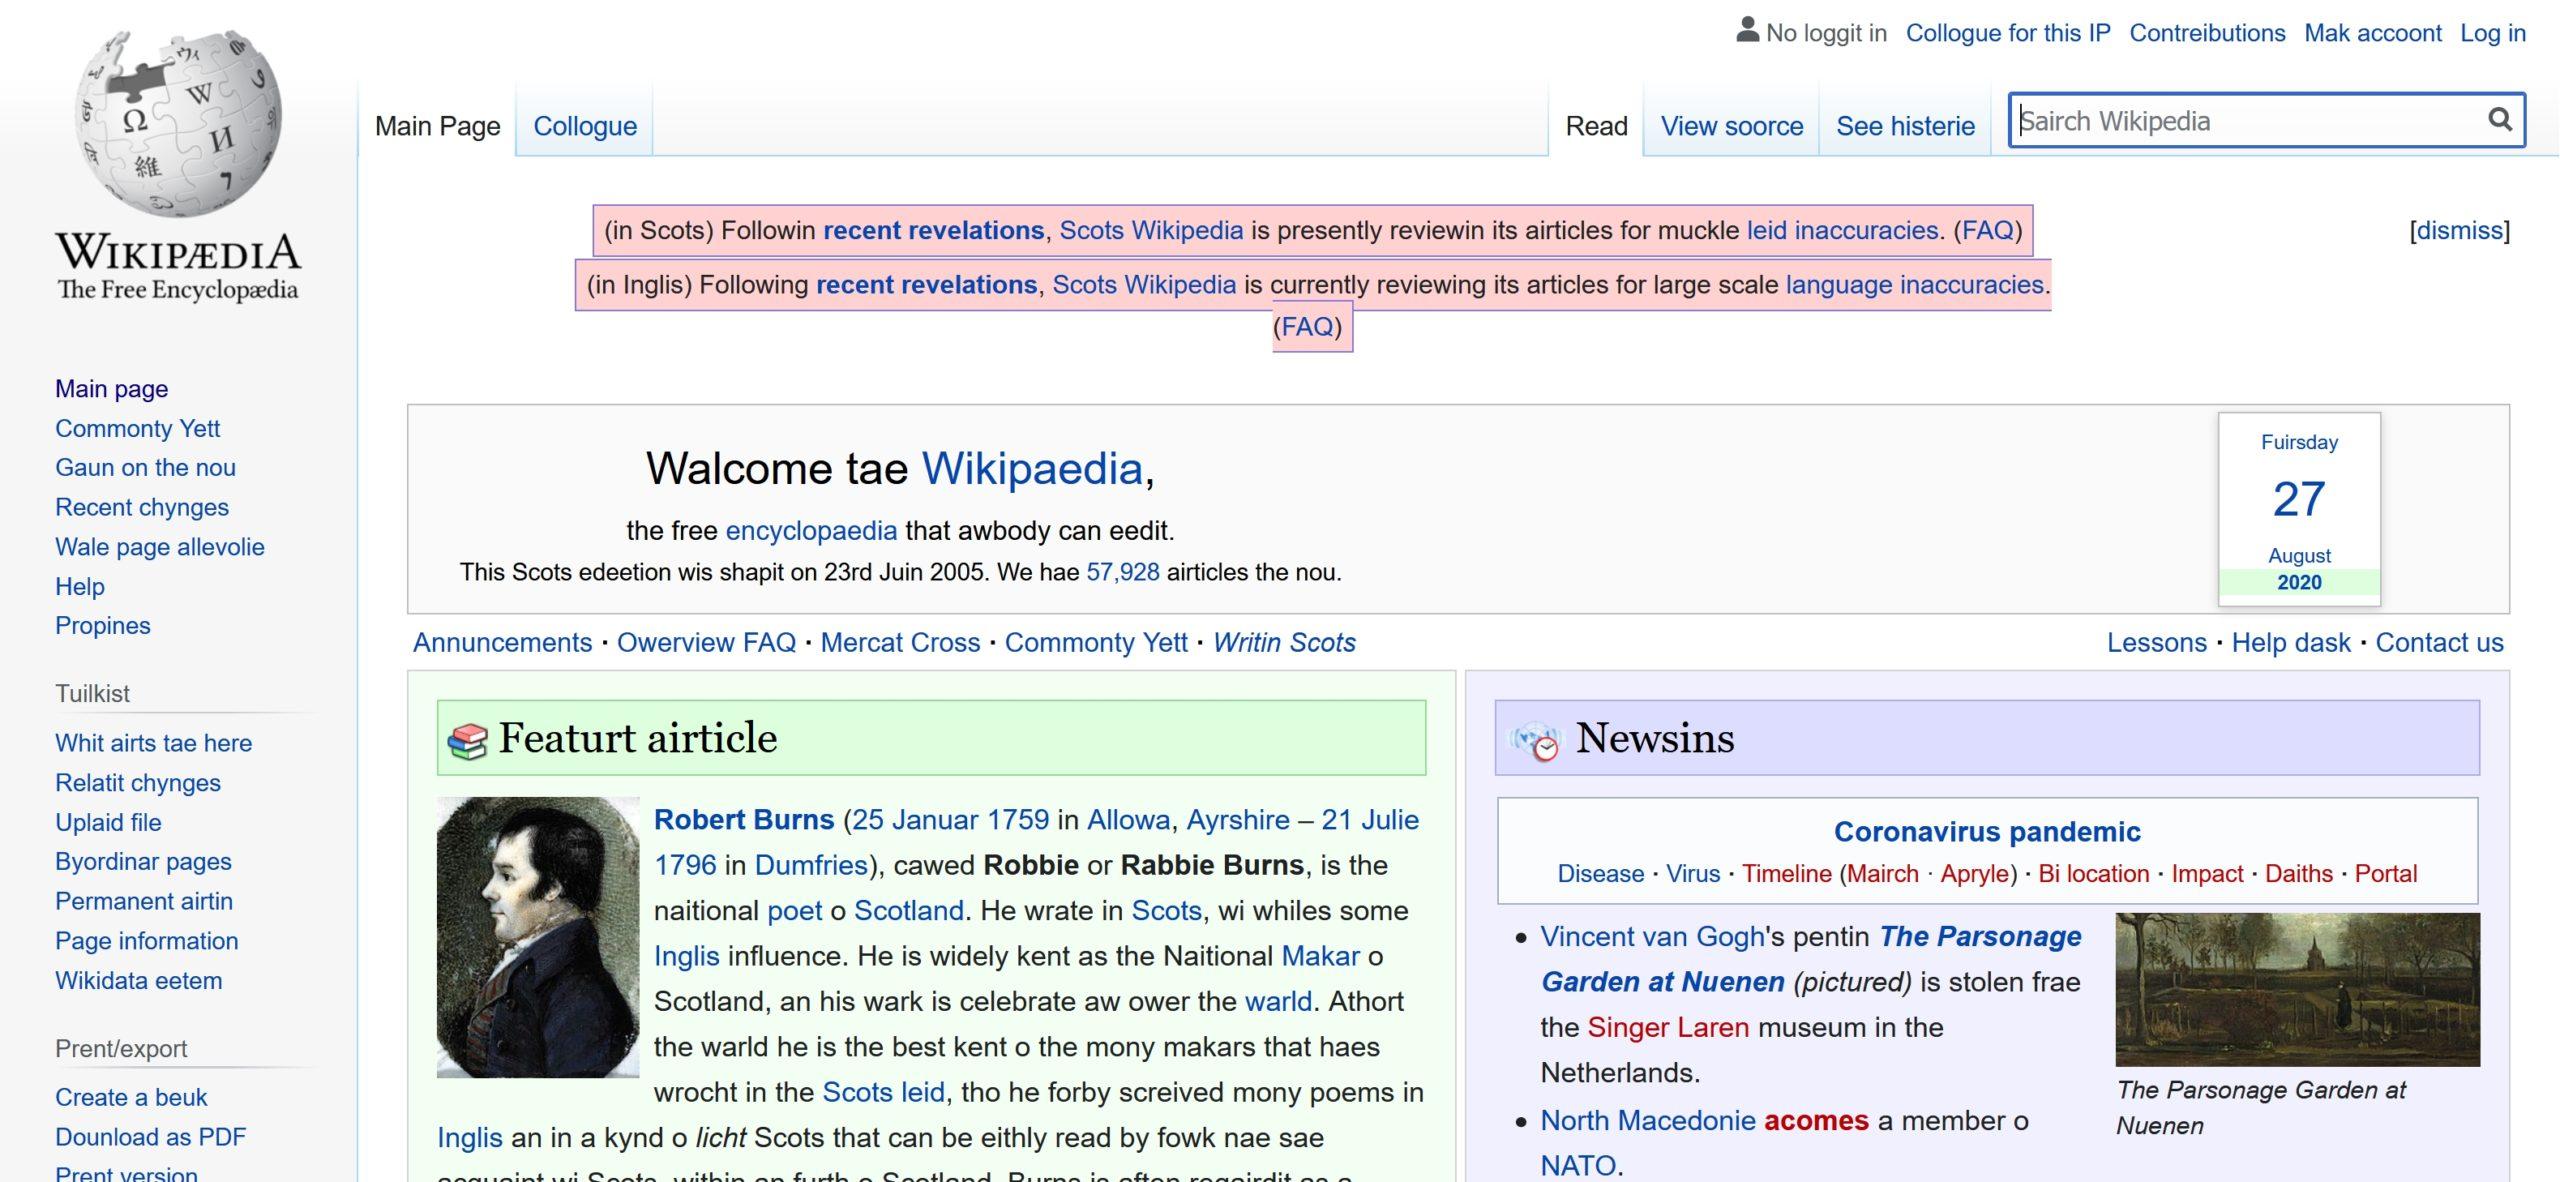 וויקיפדיה הסקוטית